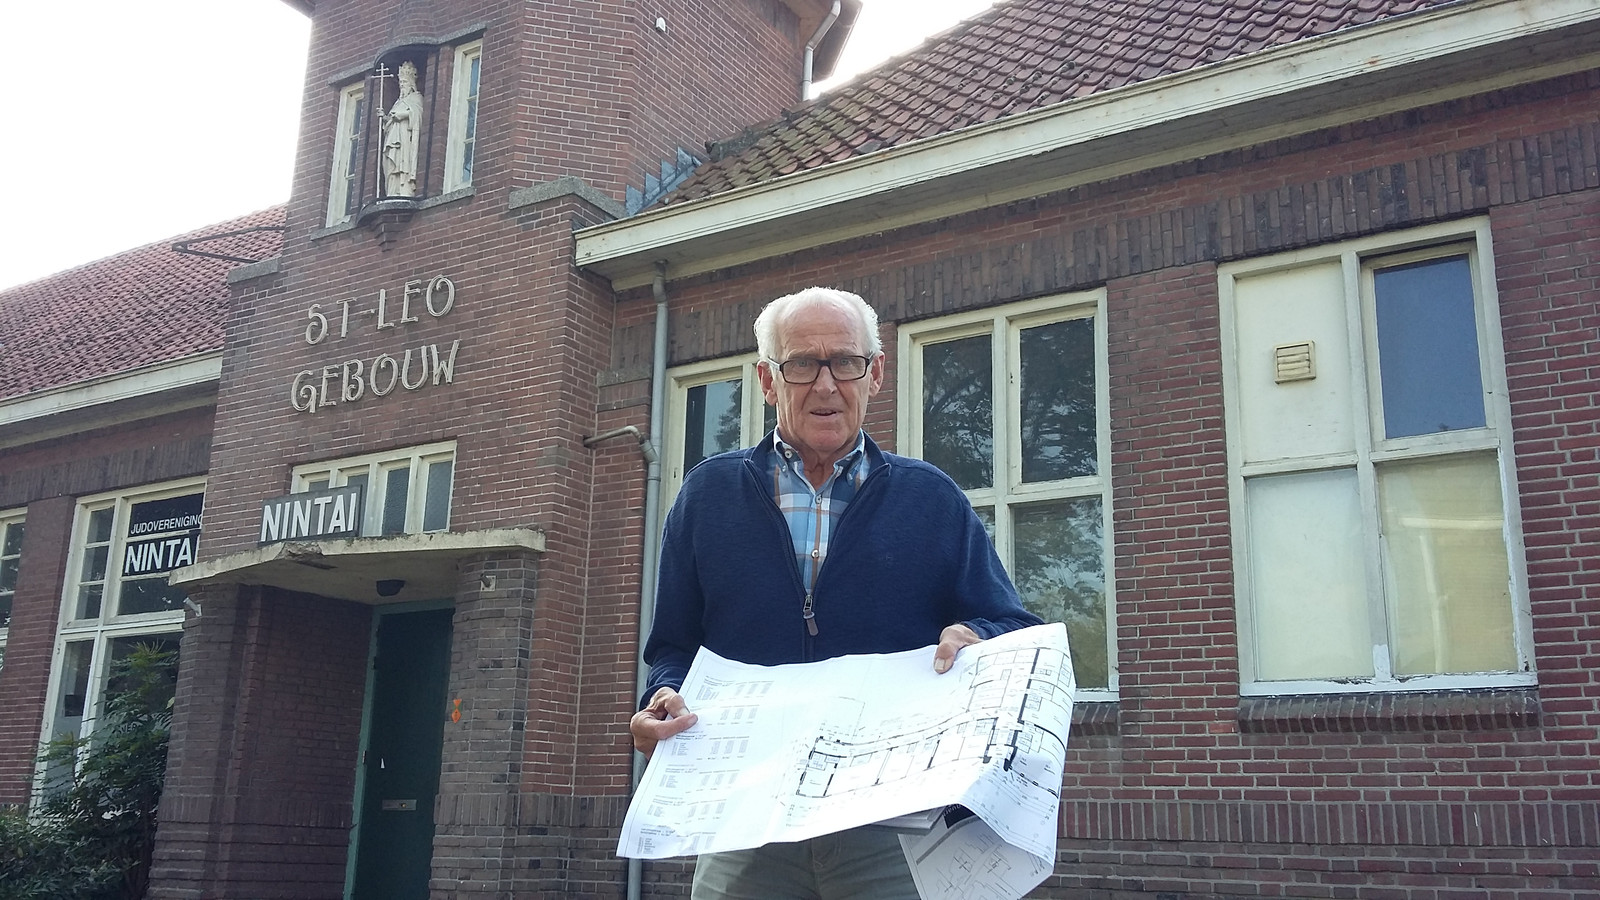 Sjef Verschure bij het monumentale Leogebouw in Raamsdonk.